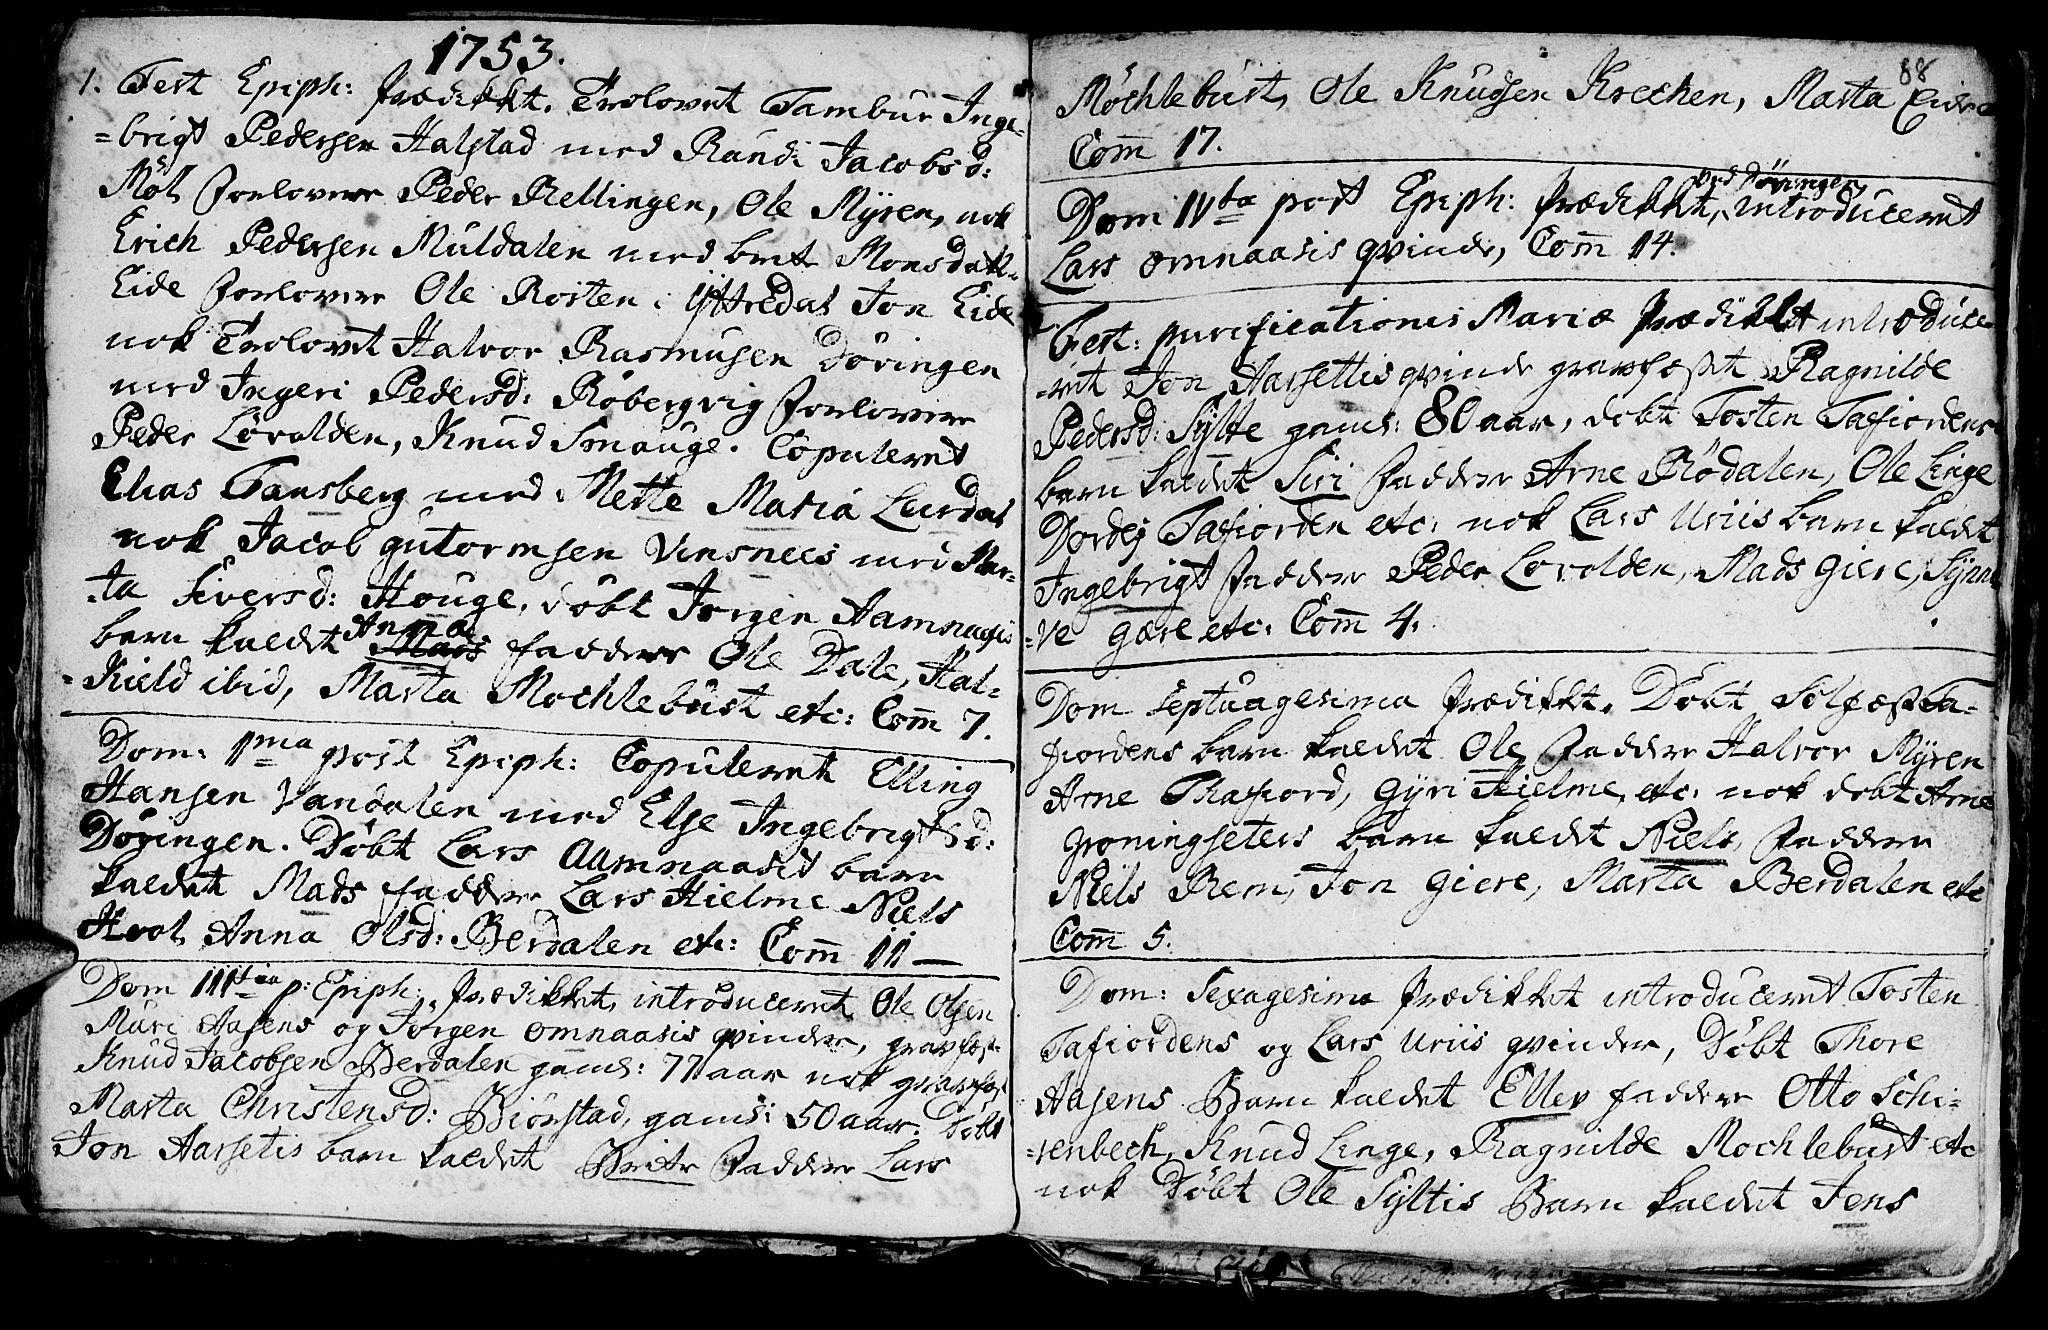 SAT, Ministerialprotokoller, klokkerbøker og fødselsregistre - Møre og Romsdal, 519/L0240: Ministerialbok nr. 519A01 /1, 1736-1760, s. 88